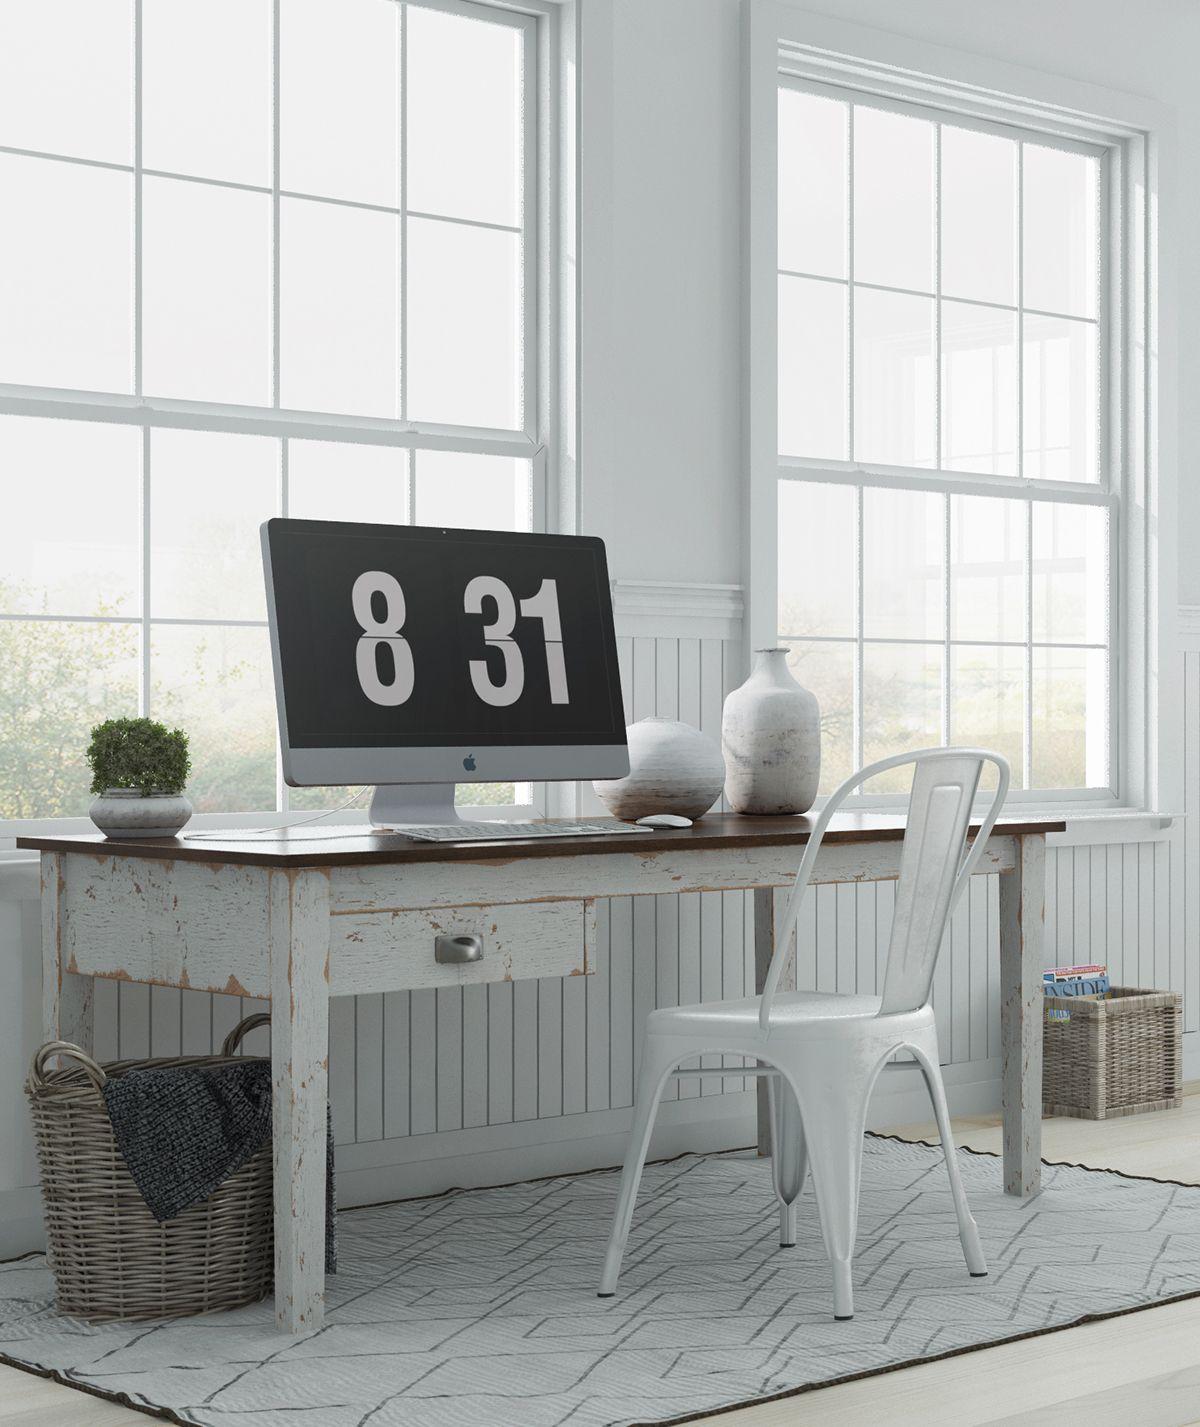 Home Decor, Interior, Interior